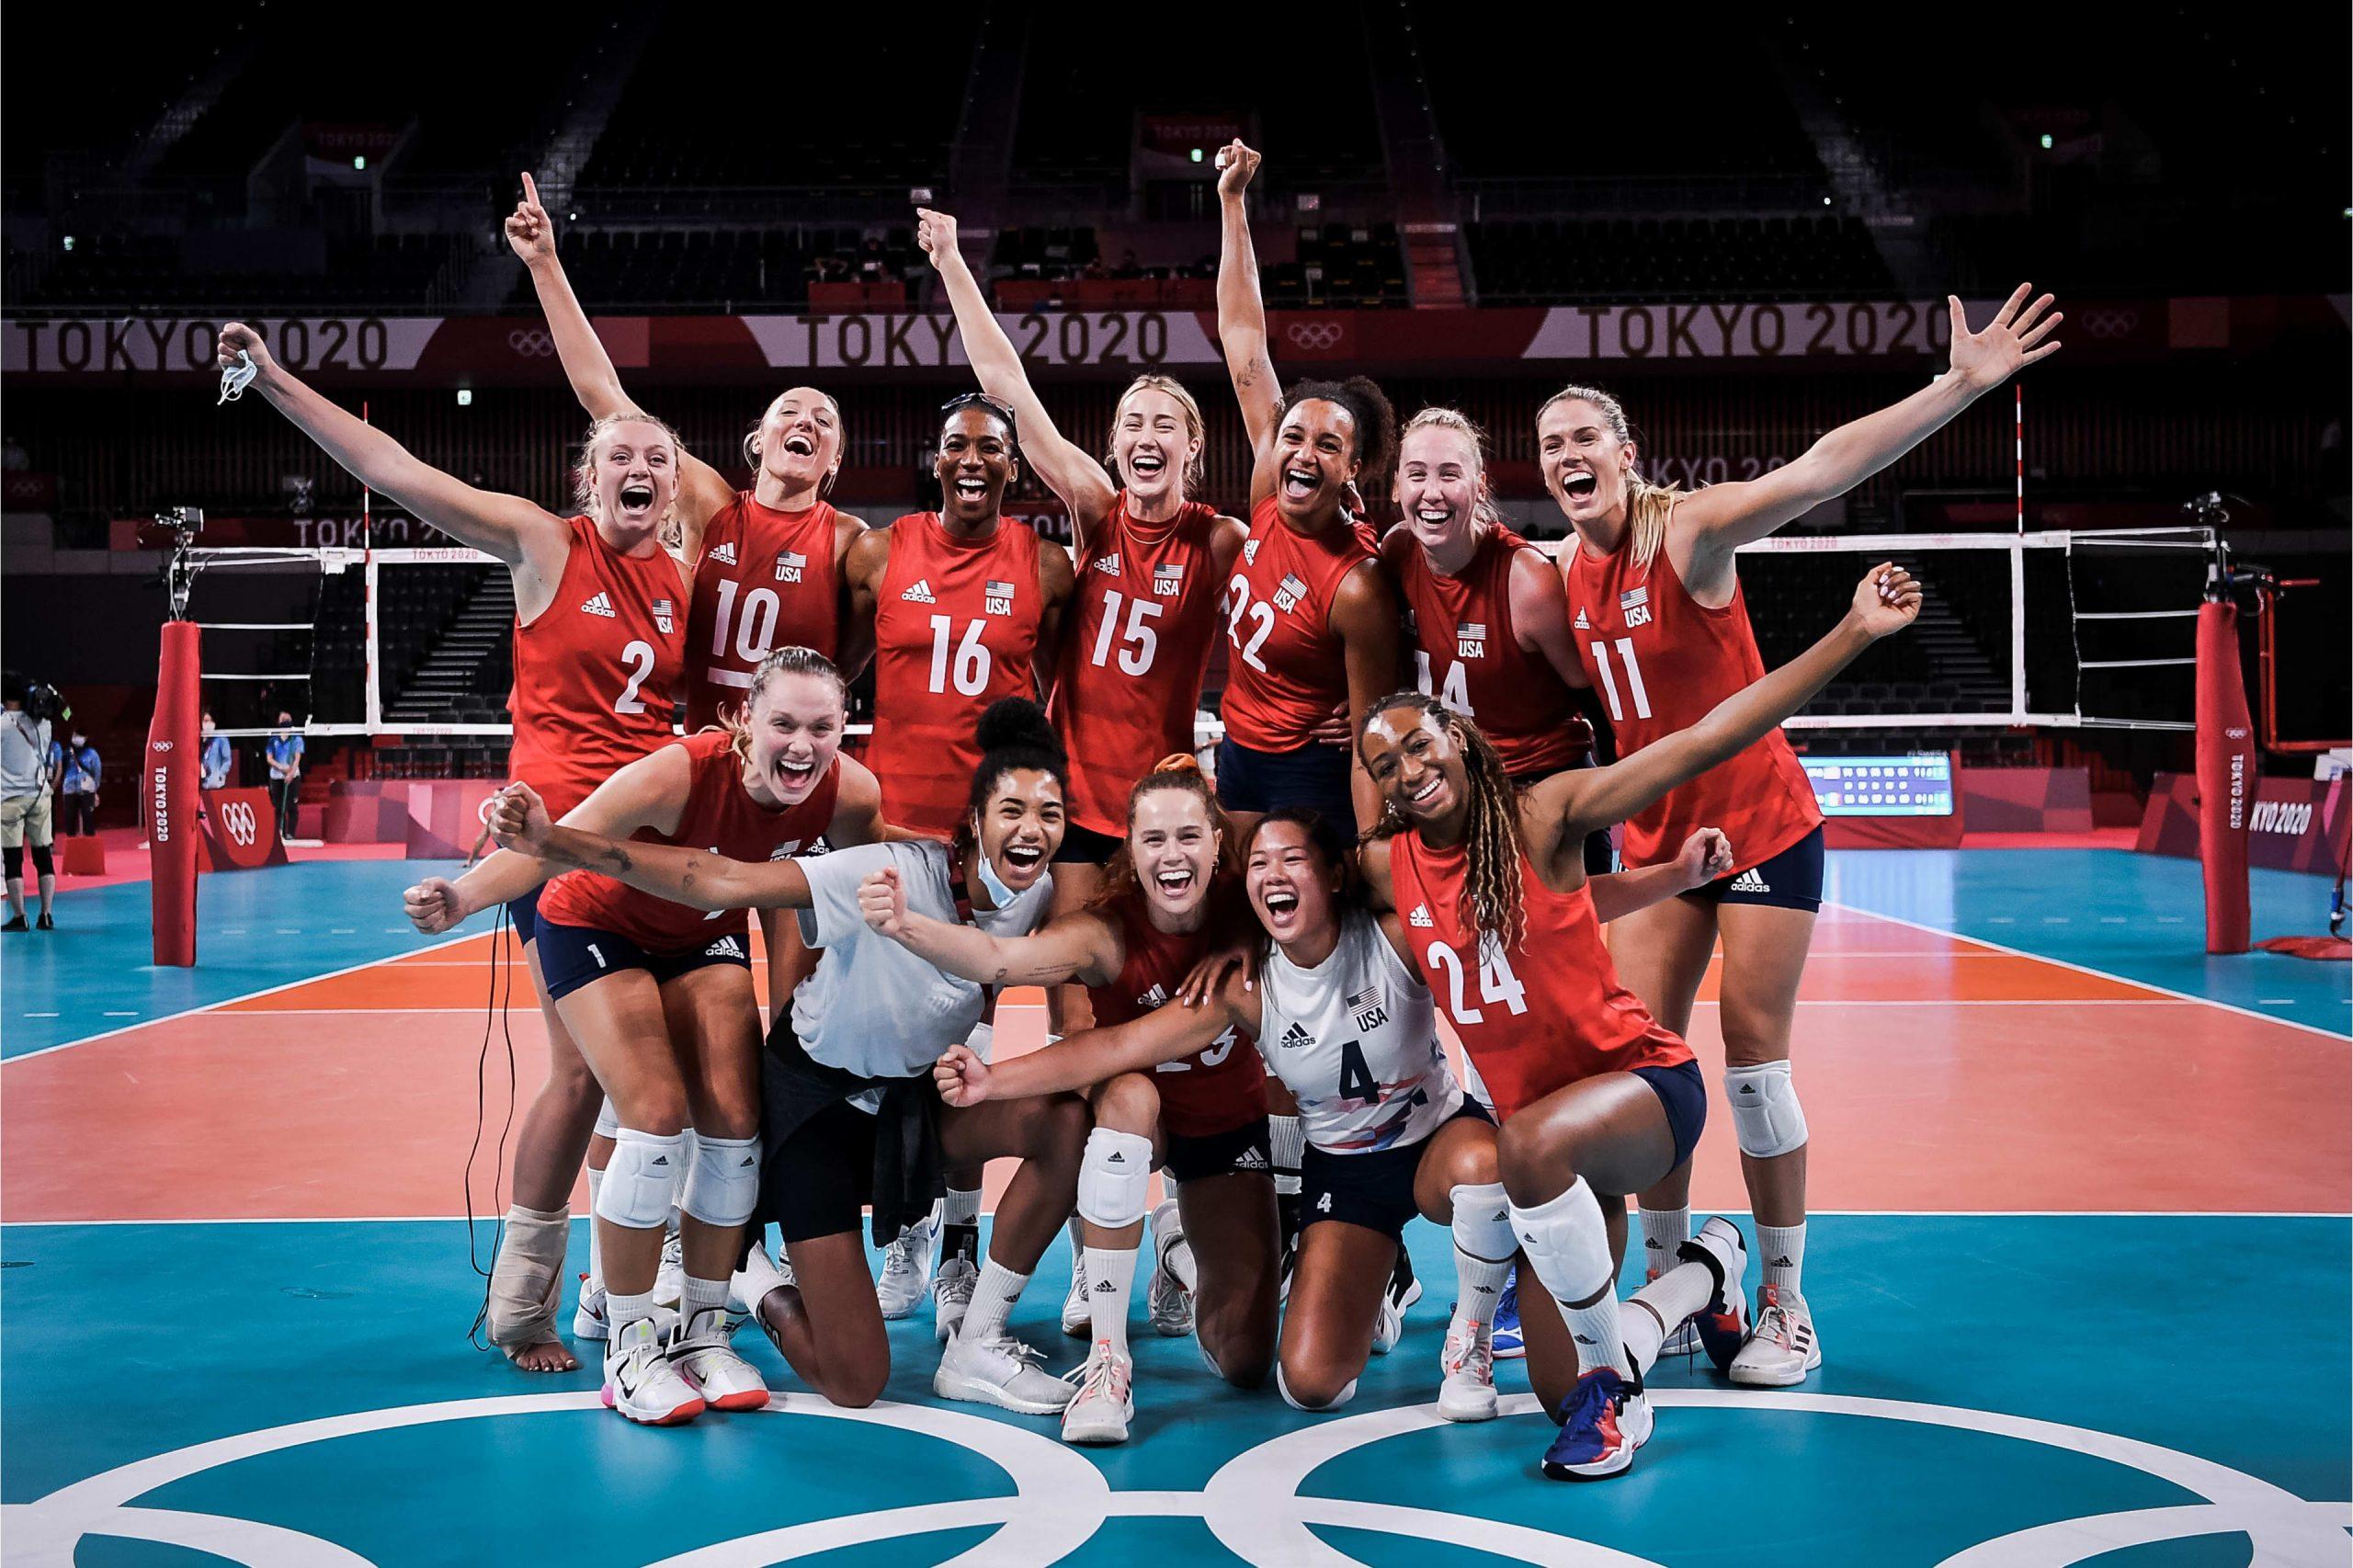 東京2020オリンピック 女子決勝トーナメント進出チームが決定